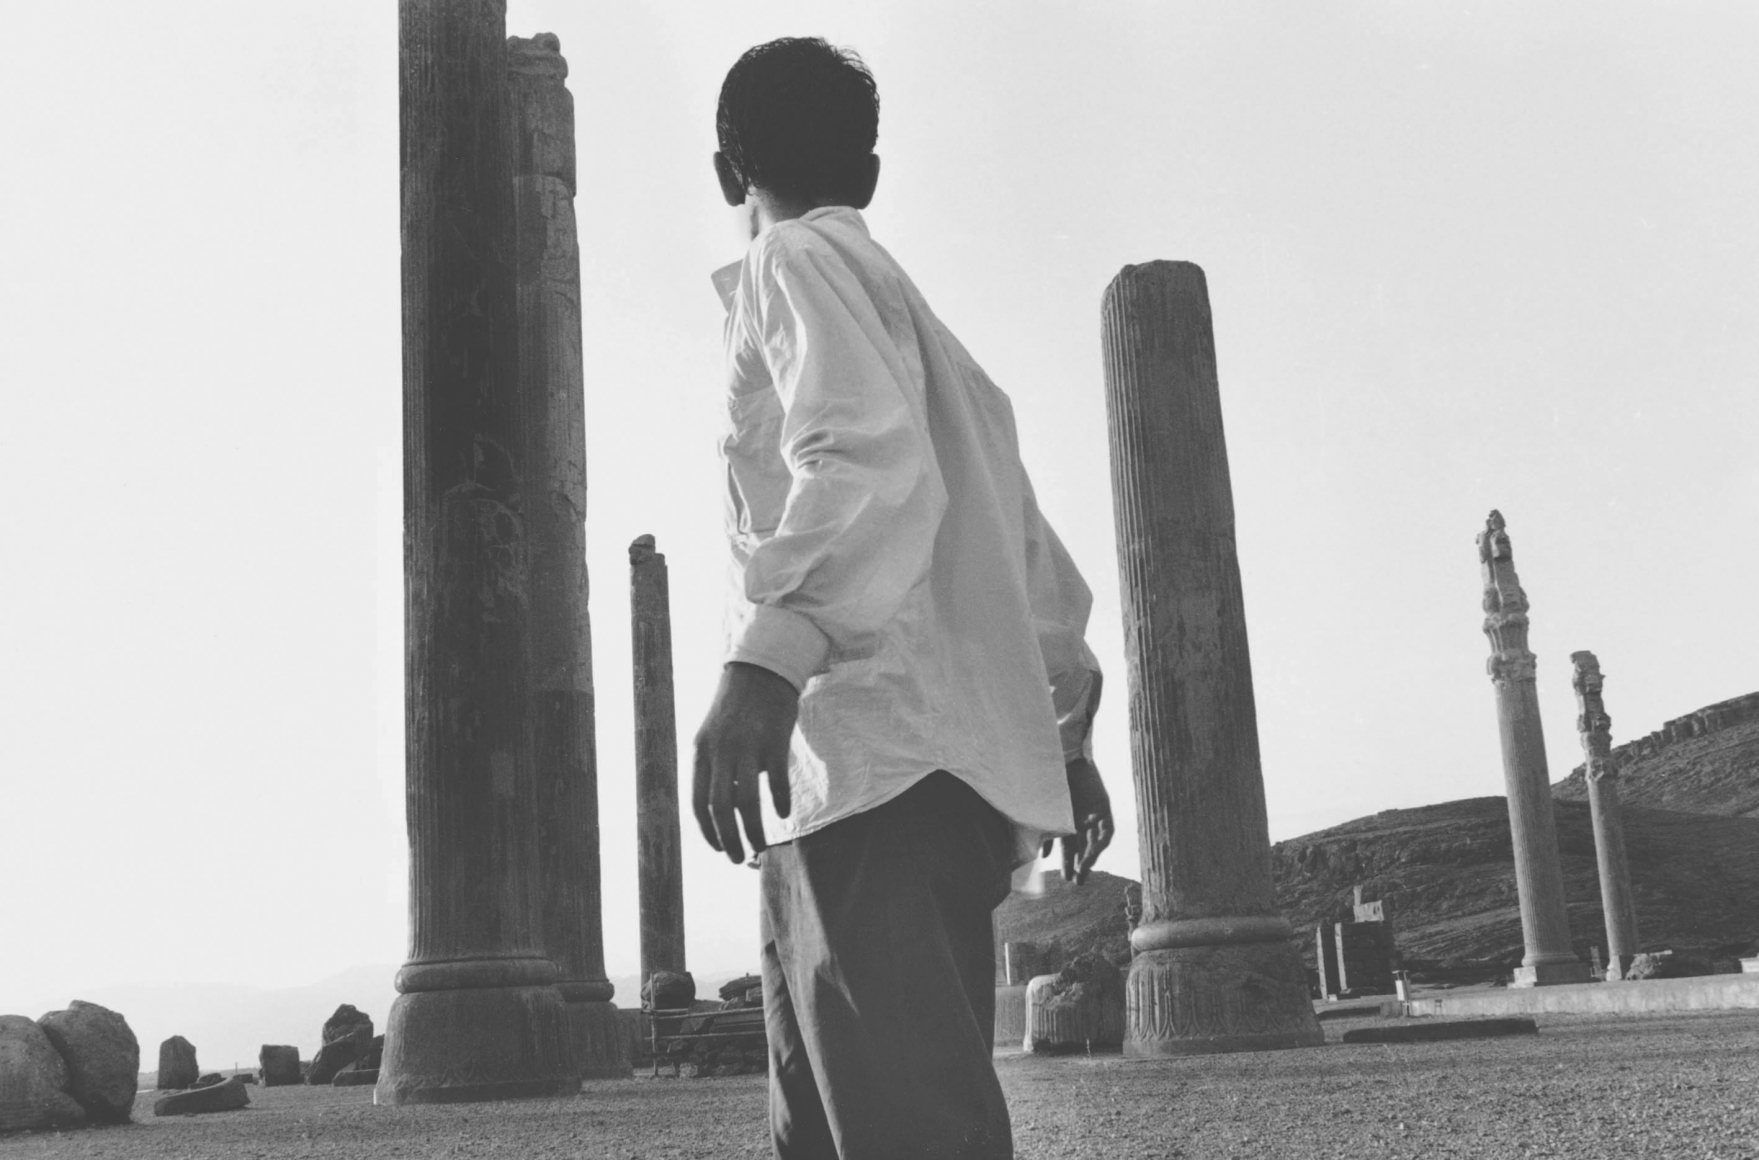 SADEGH TIRAFKAN, Persepolis #7, 1998